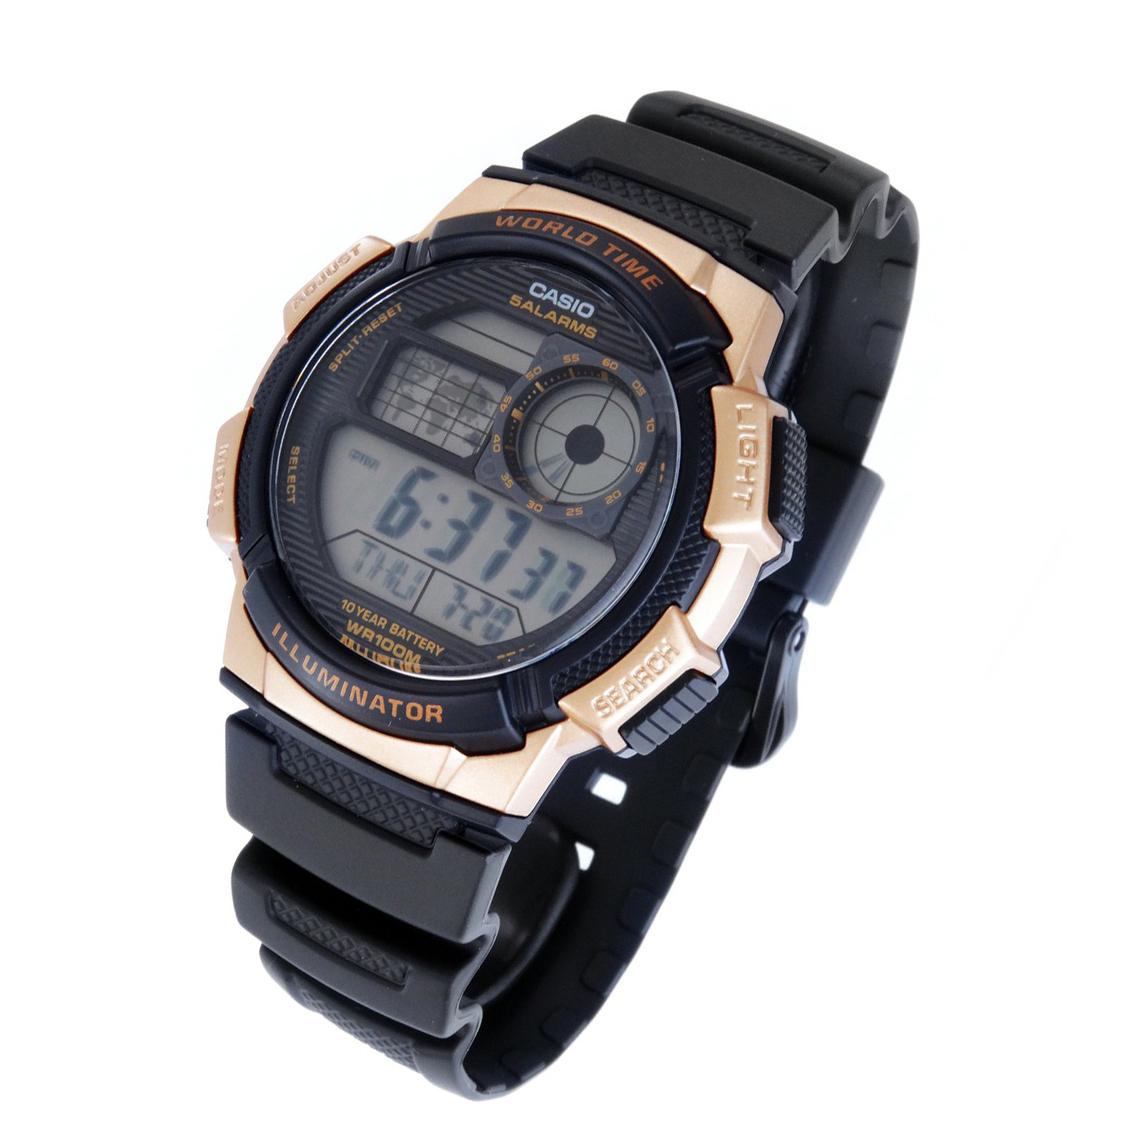 ساعت مچی دیجیتال کاسیو مدل AE-1000W-1A3             قیمت